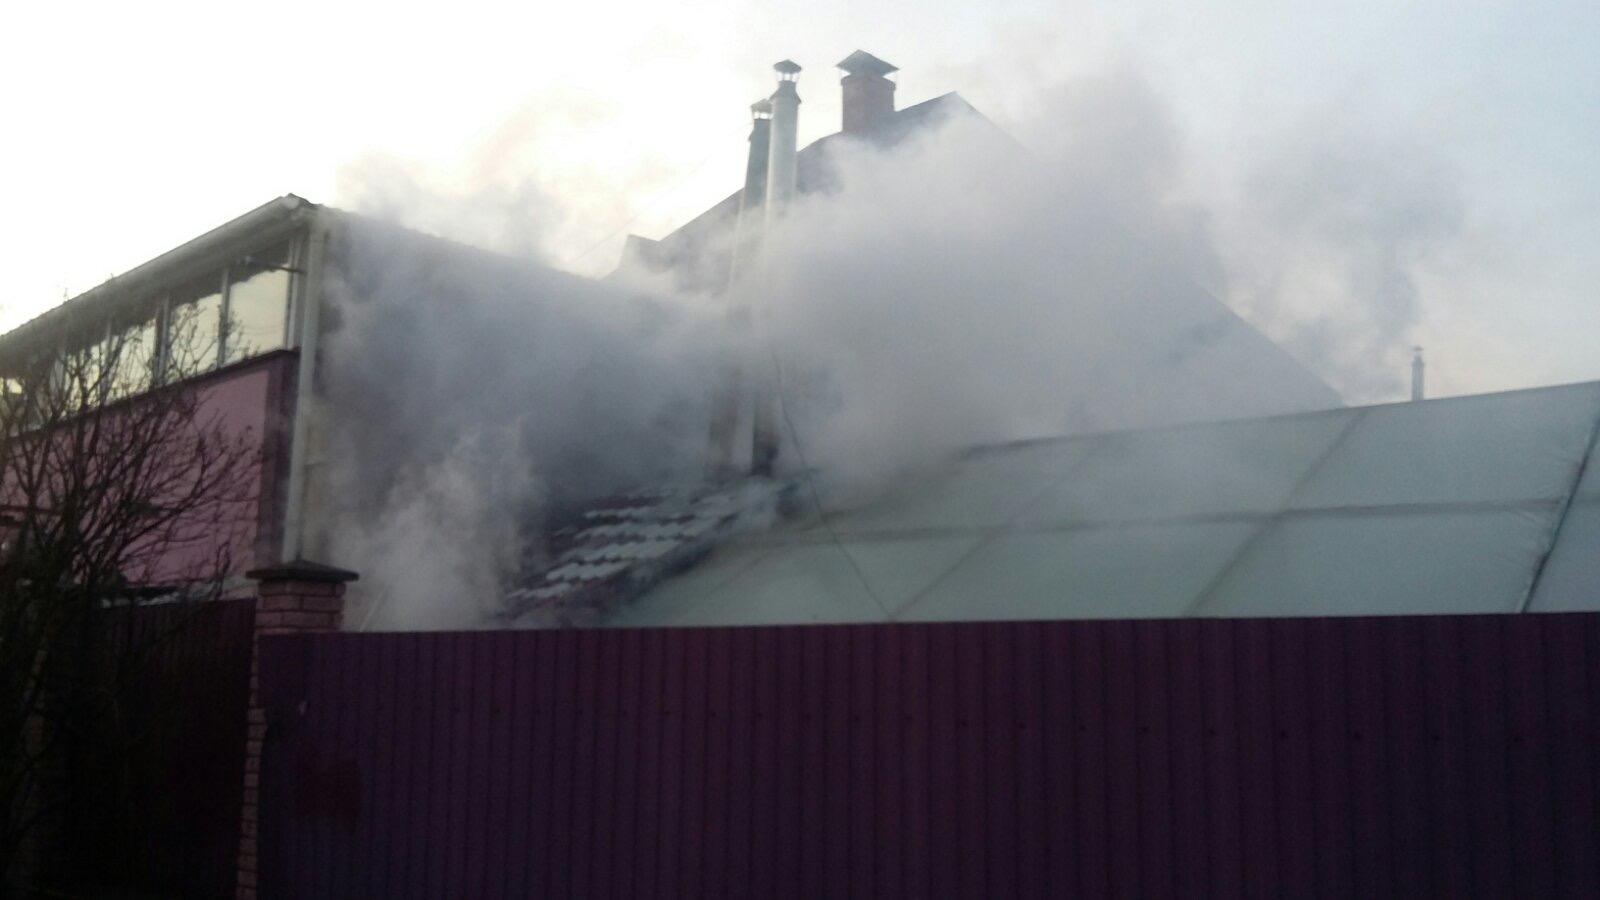 Gost-kotelnya Пожежа у Гостомелі: вогонь охопив котельню в житловому будинку